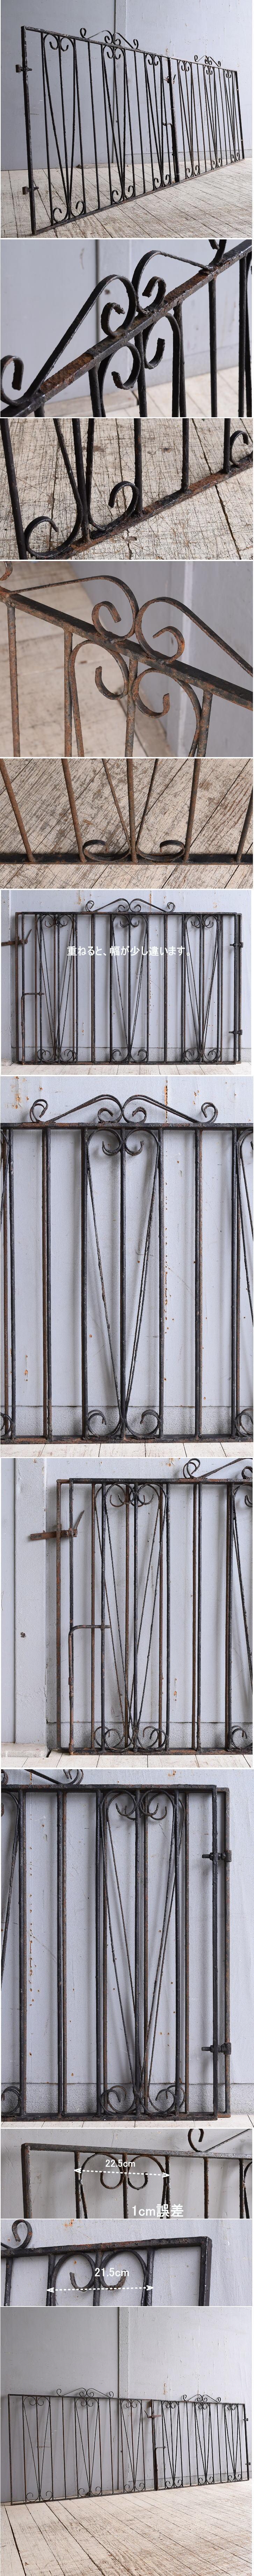 イギリスアンティーク アイアンフェンス ゲート柵 ガーデニング 10219